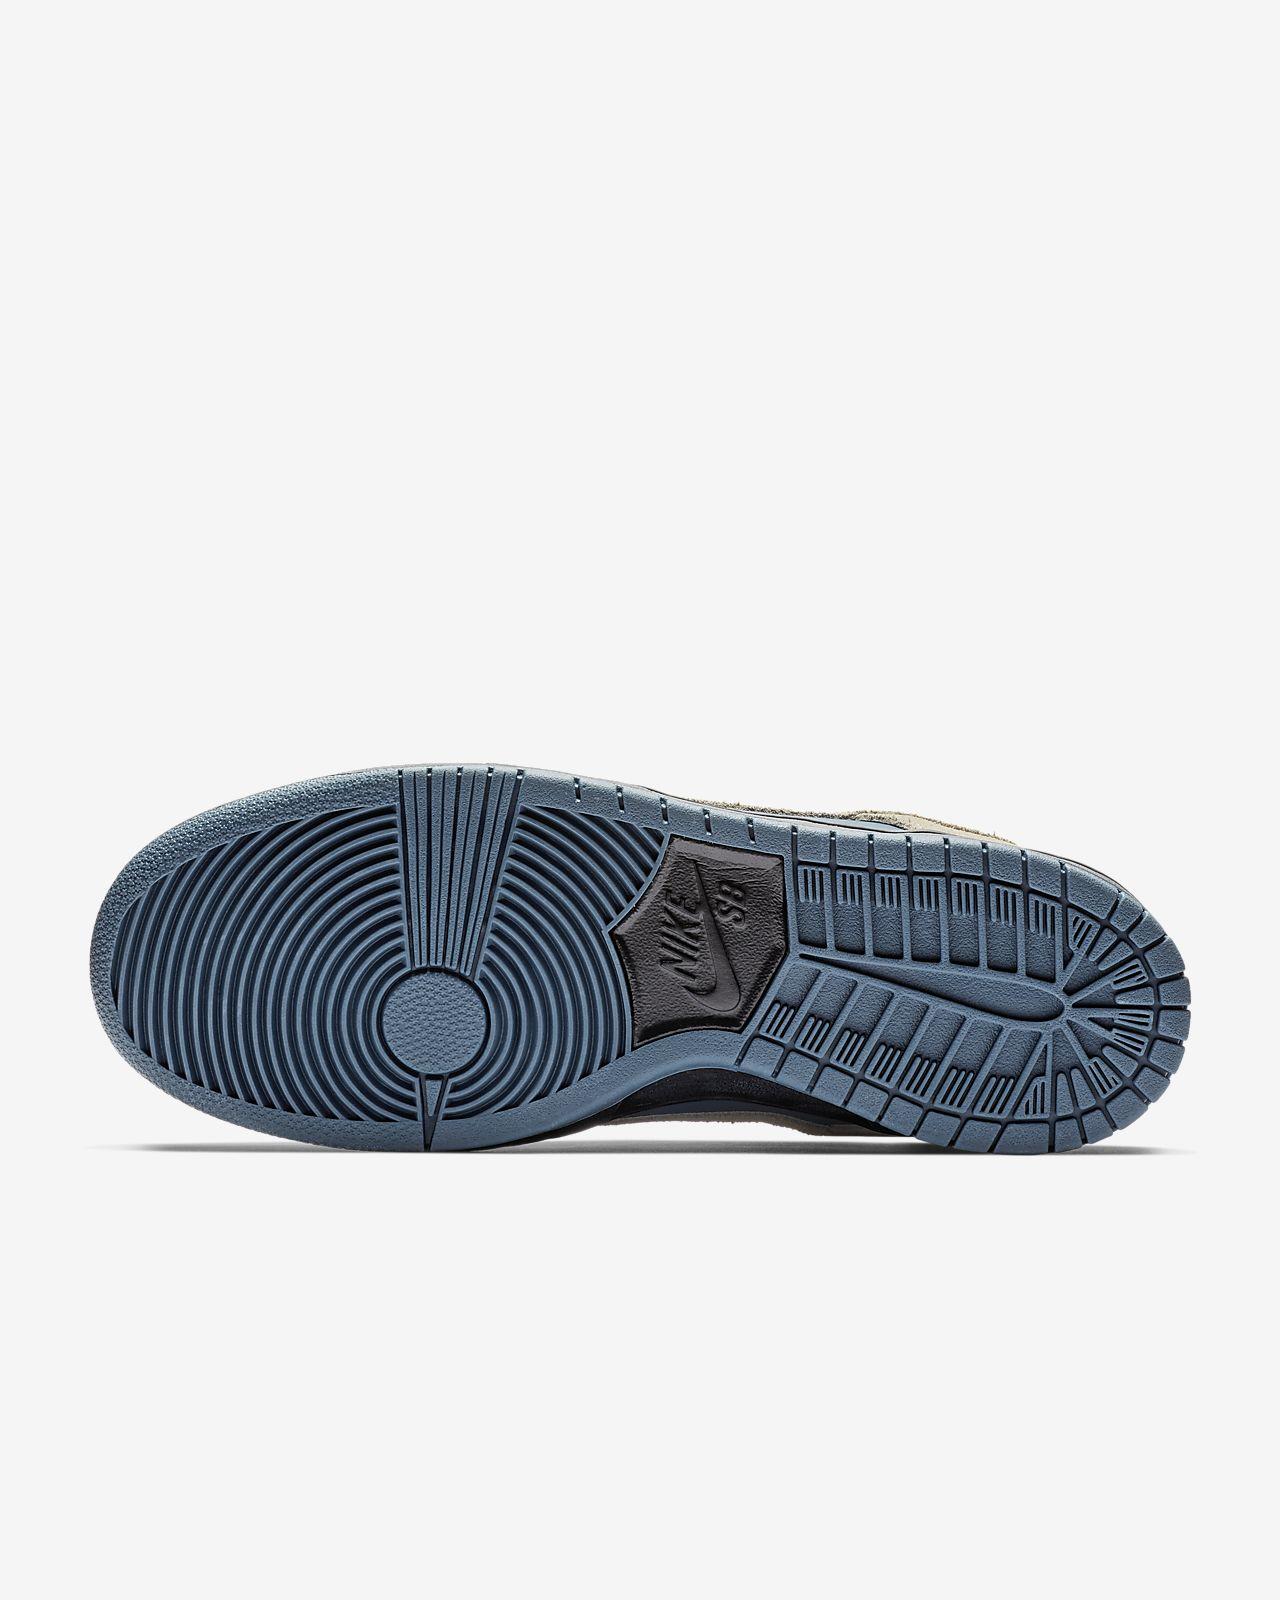 c17a6725b0b Nike SB Dunk Low Pro Skate Shoe. Nike.com AU